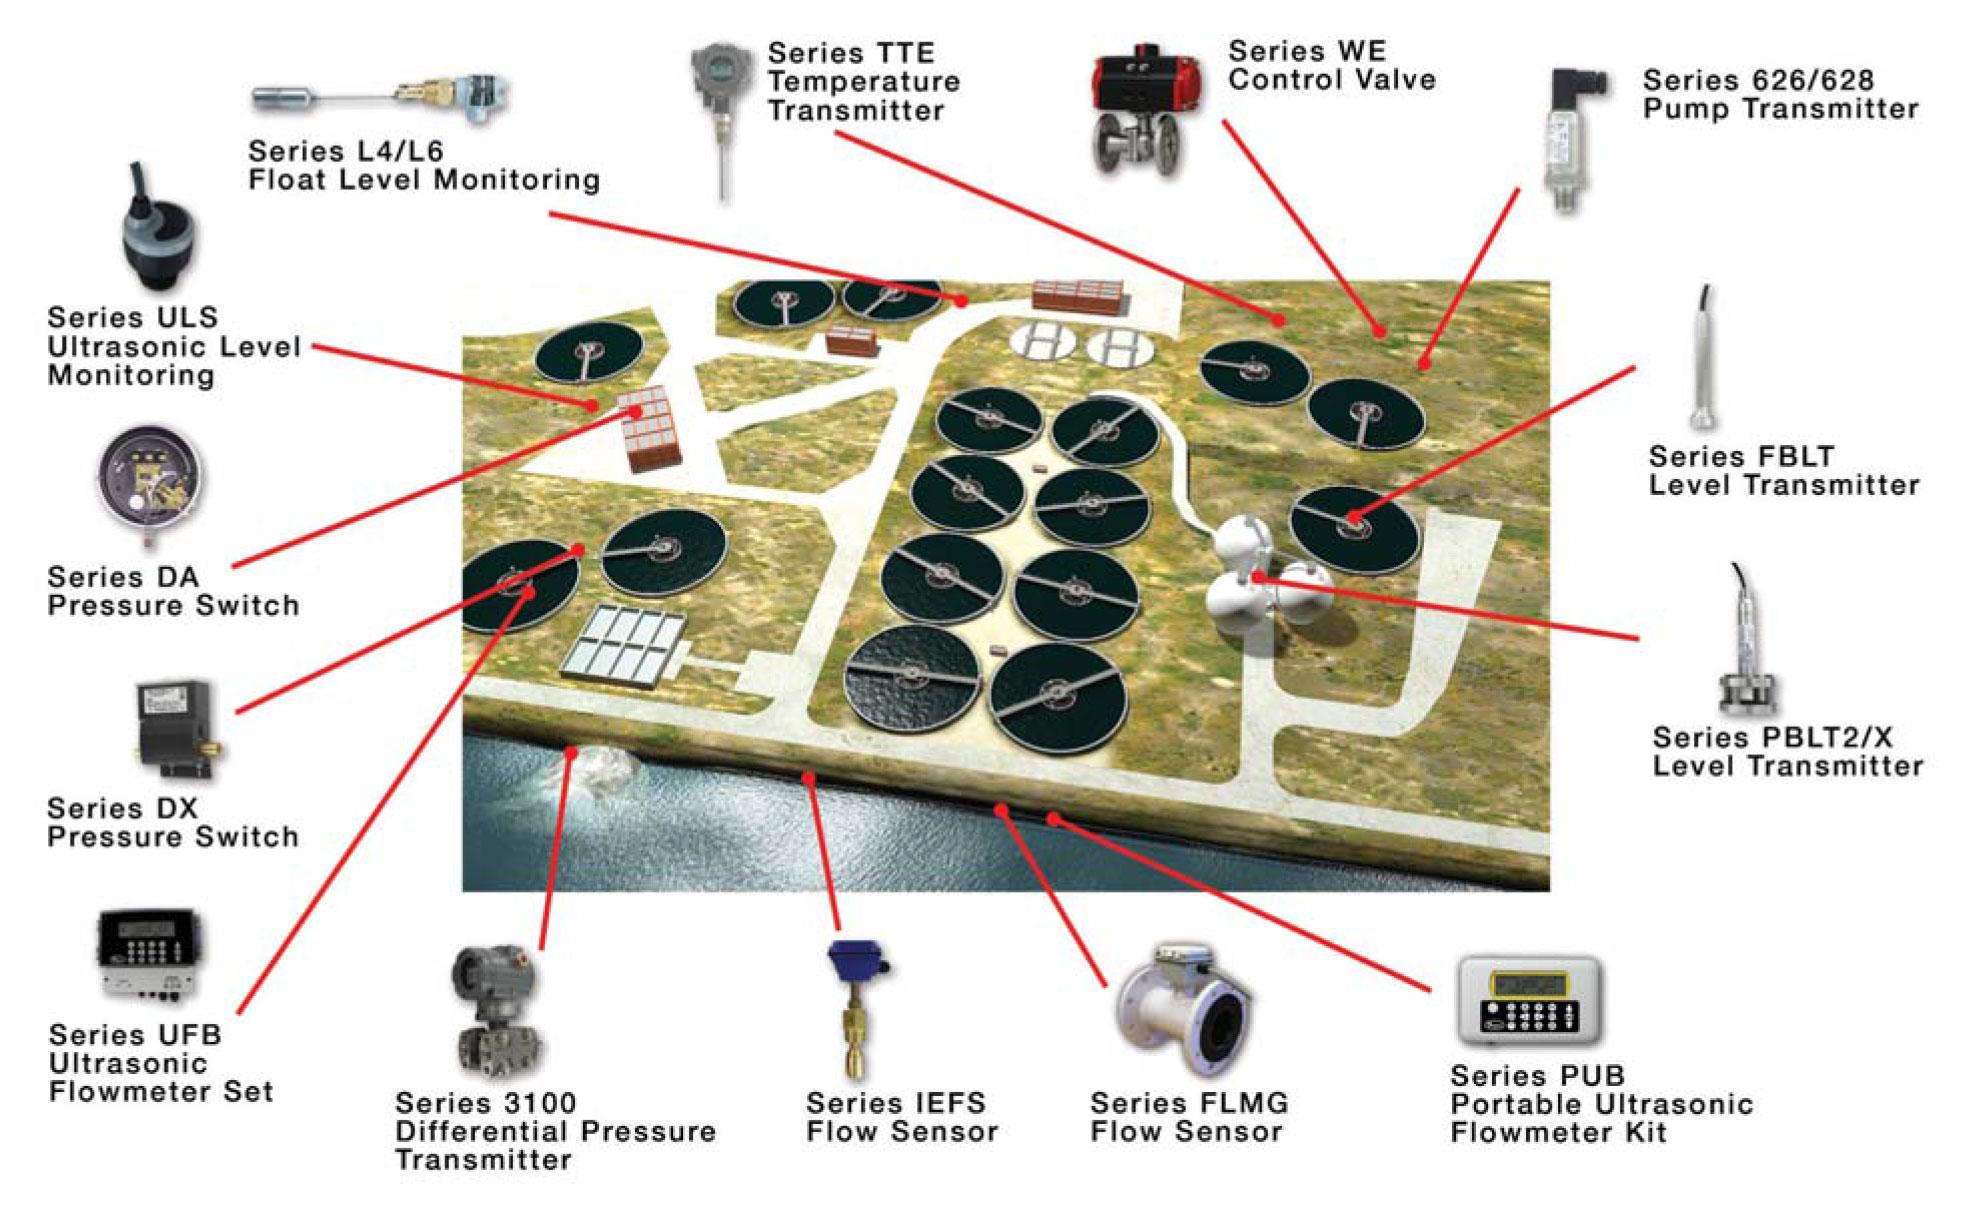 WASTEWATER / ผลิตภัณฑ์ในระบบน้ำเสีย - บริษัท เอชแวคสแควร์ จำกัด